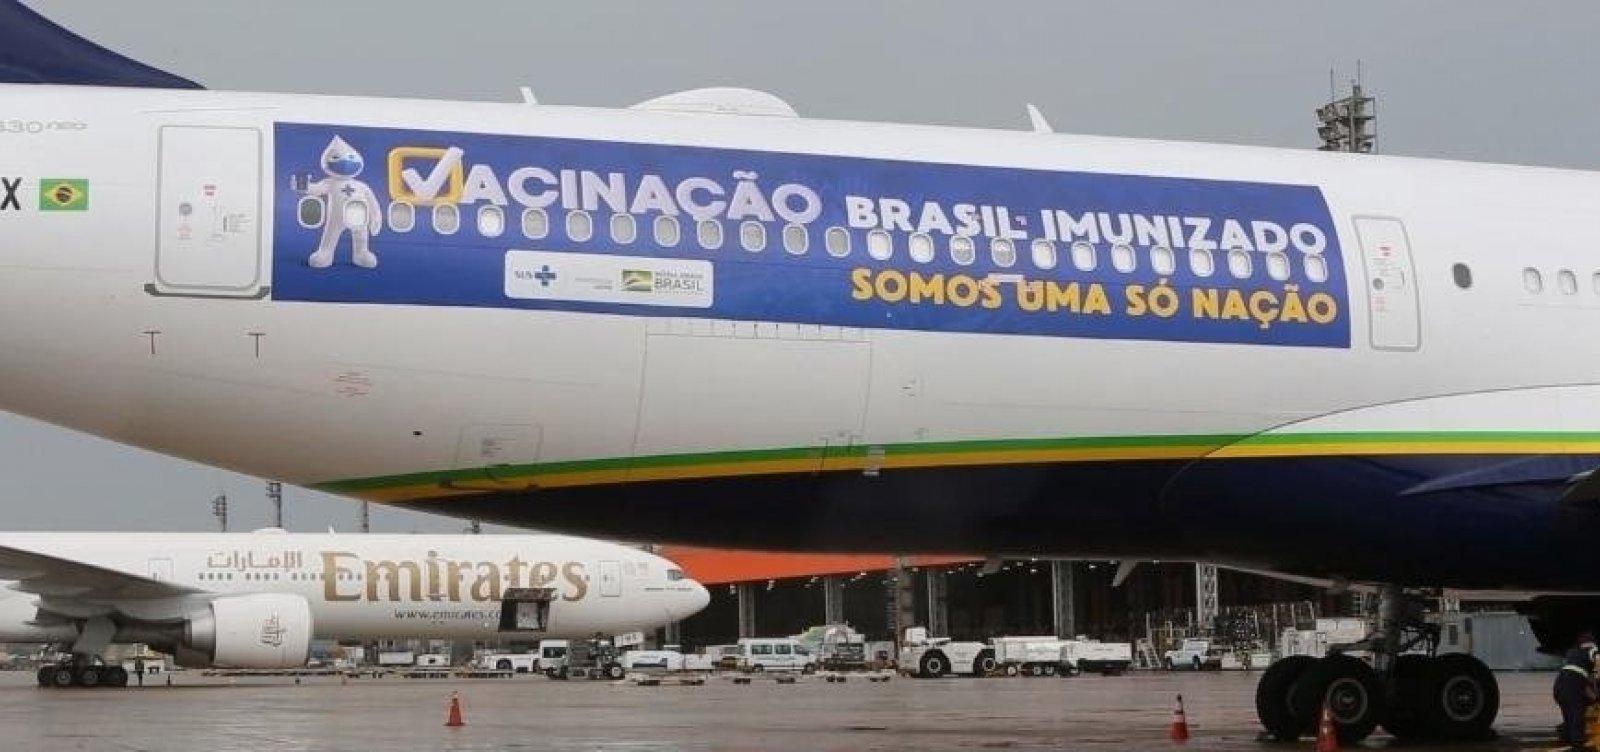 [Governo decide usar avião que buscaria vacinas na Índia para entrega de oxigênio em Manaus]